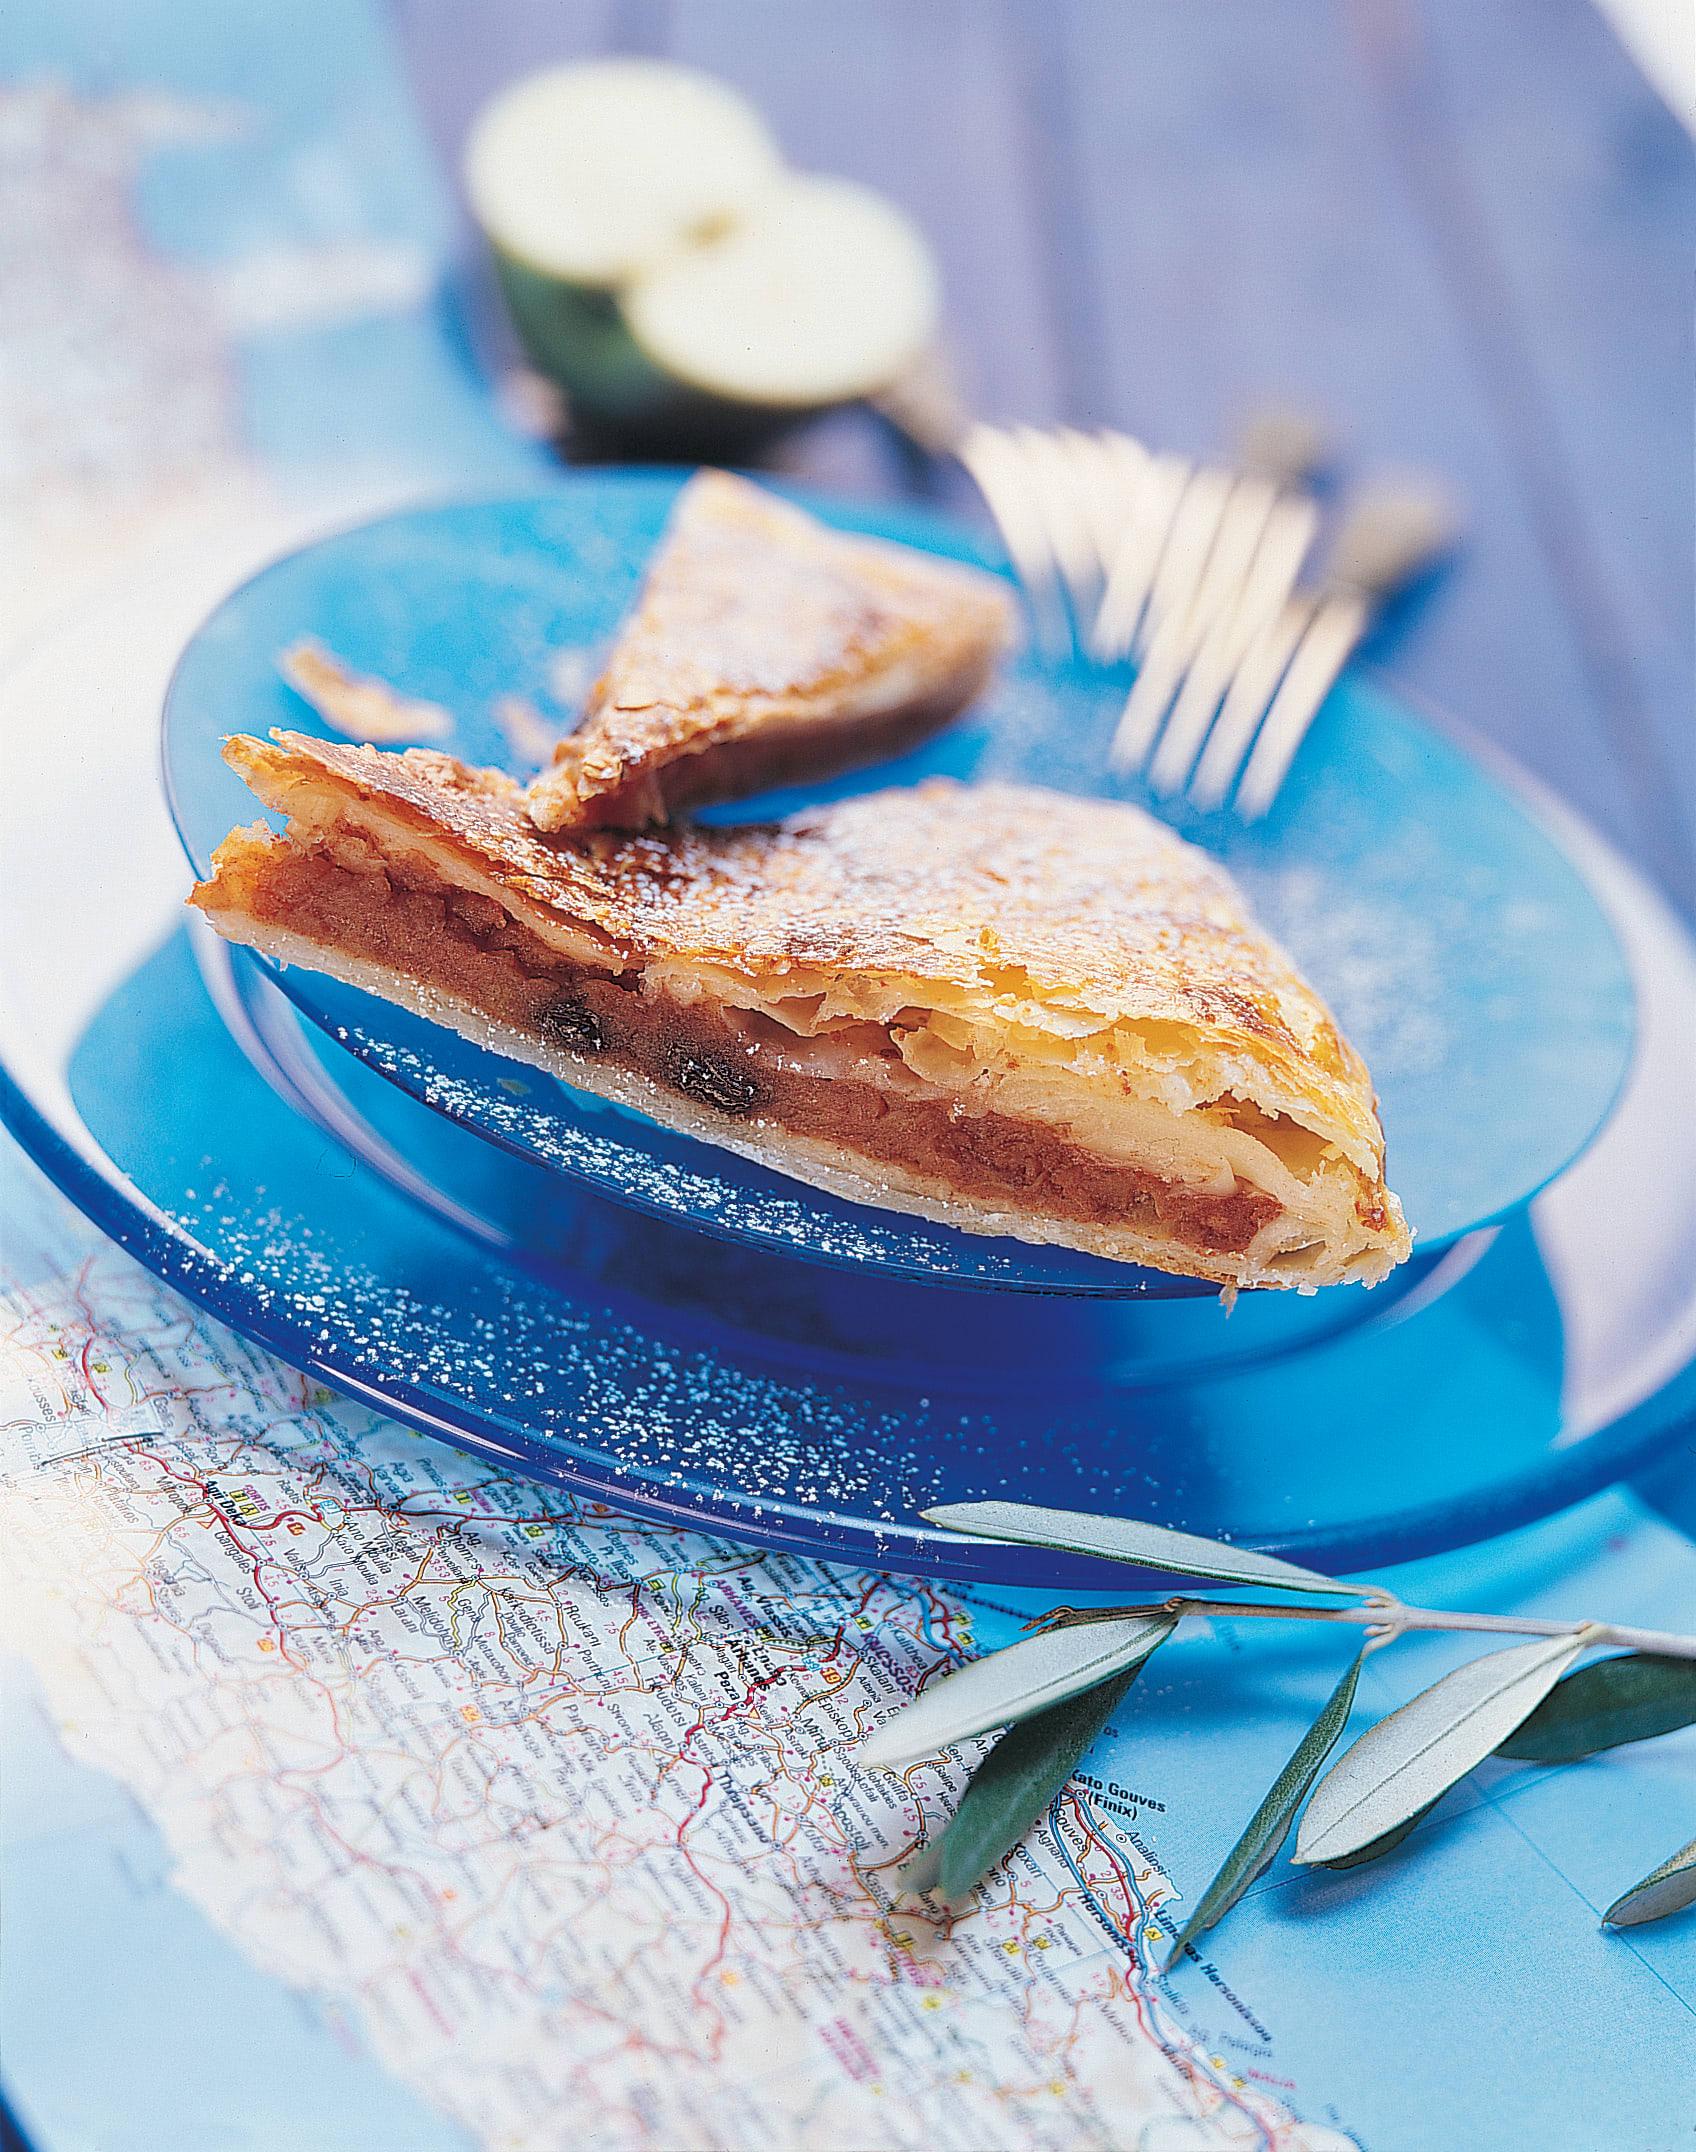 Milopita (Gedeckter Apfelkuchen)